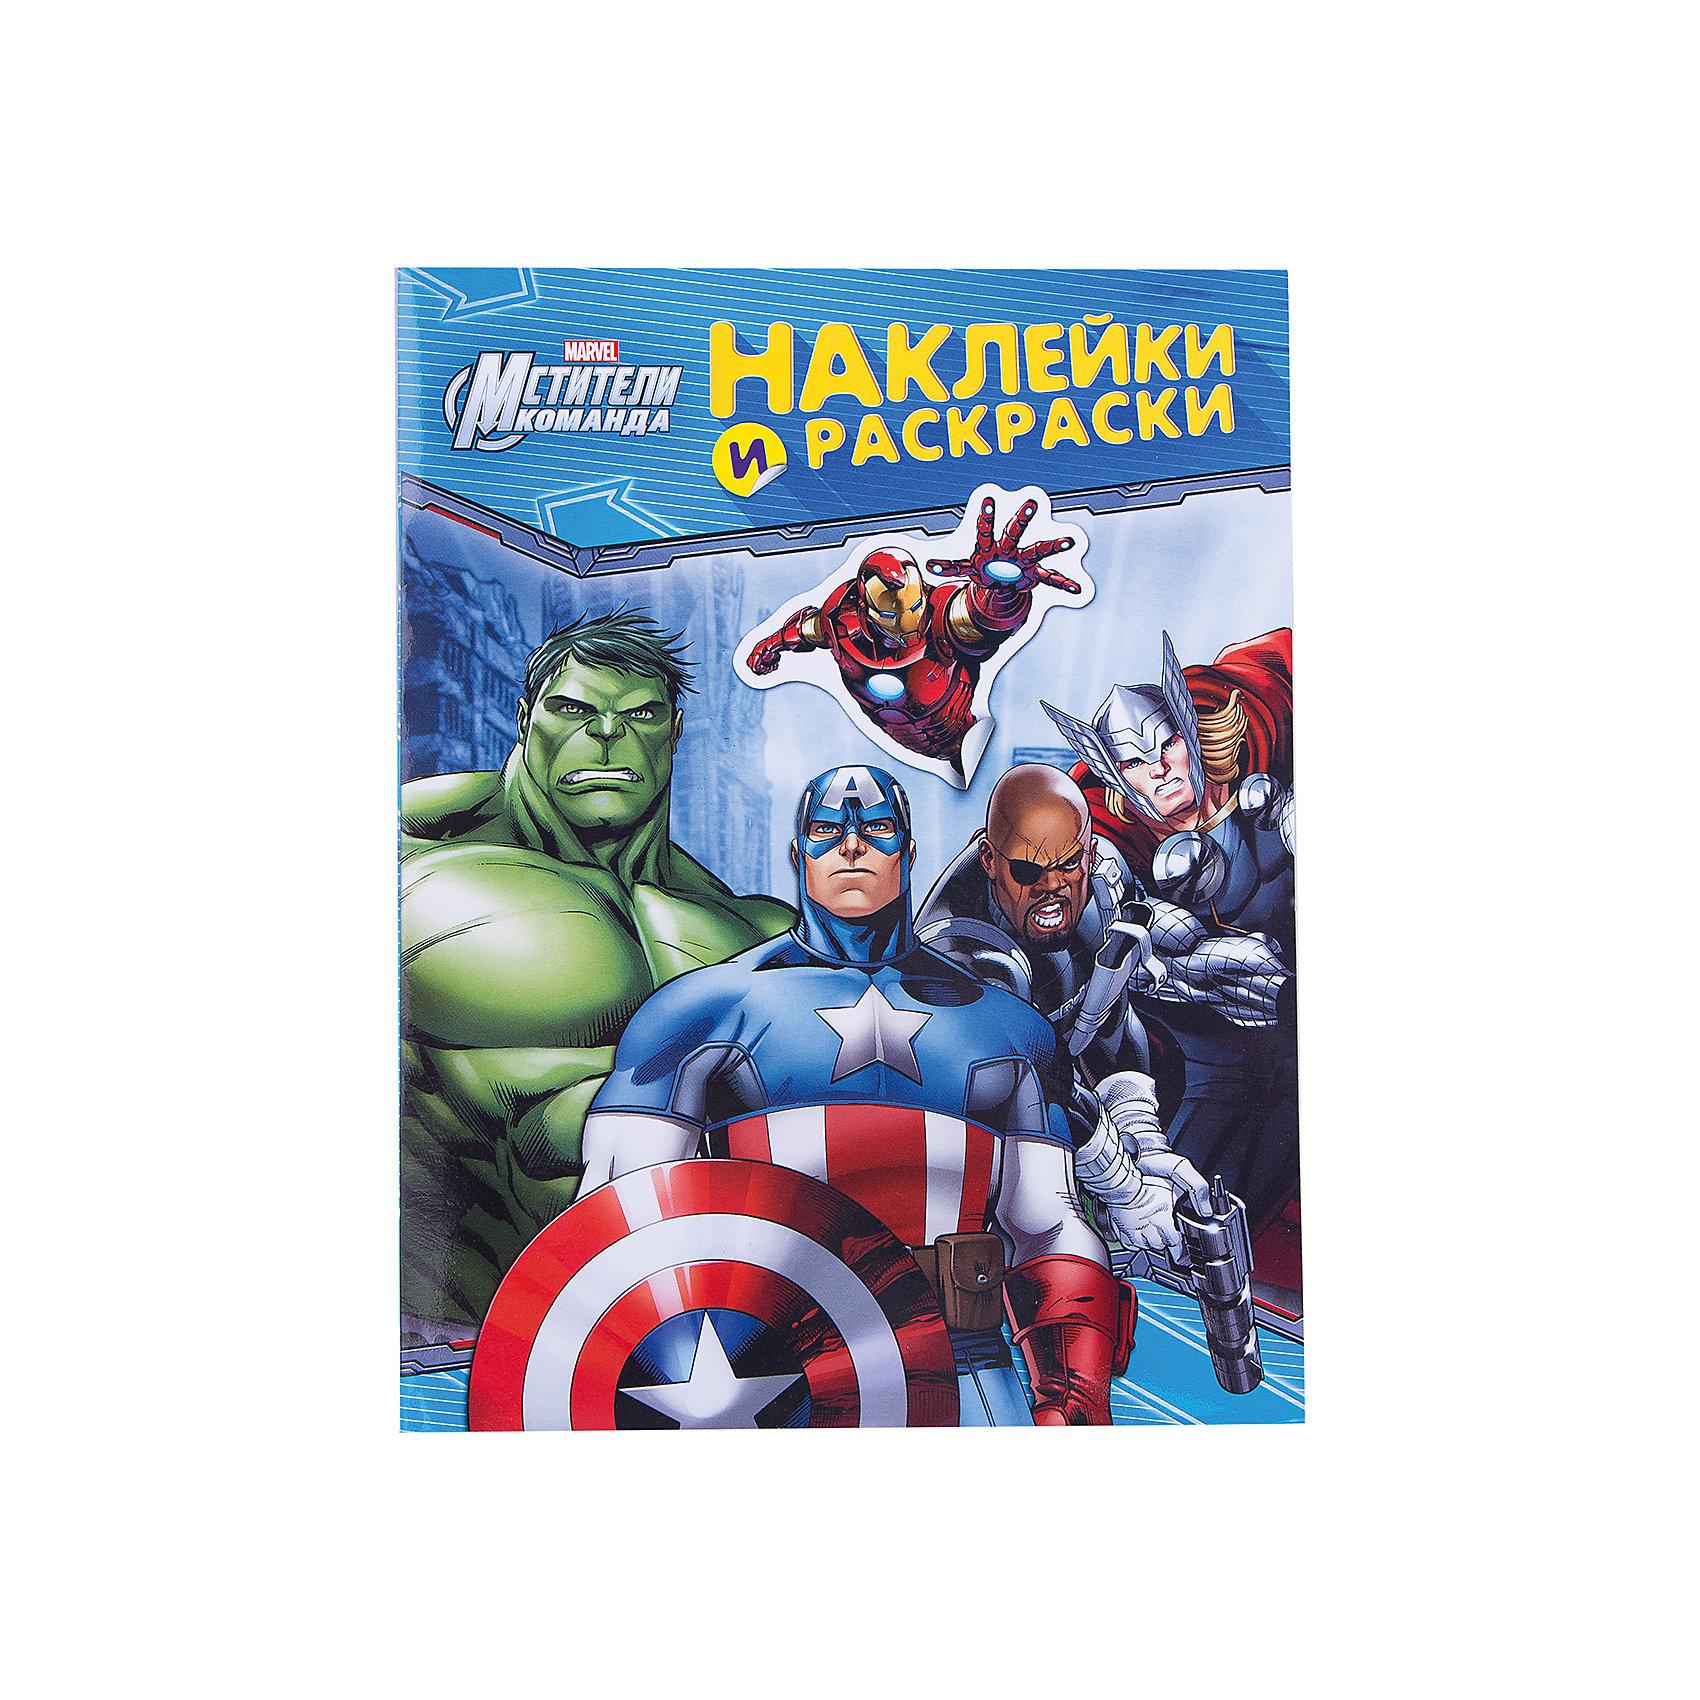 Росмэн Наклейки и раскраски (синяя), Мстители росмэн наклейки и раскраски смурфики росмэн